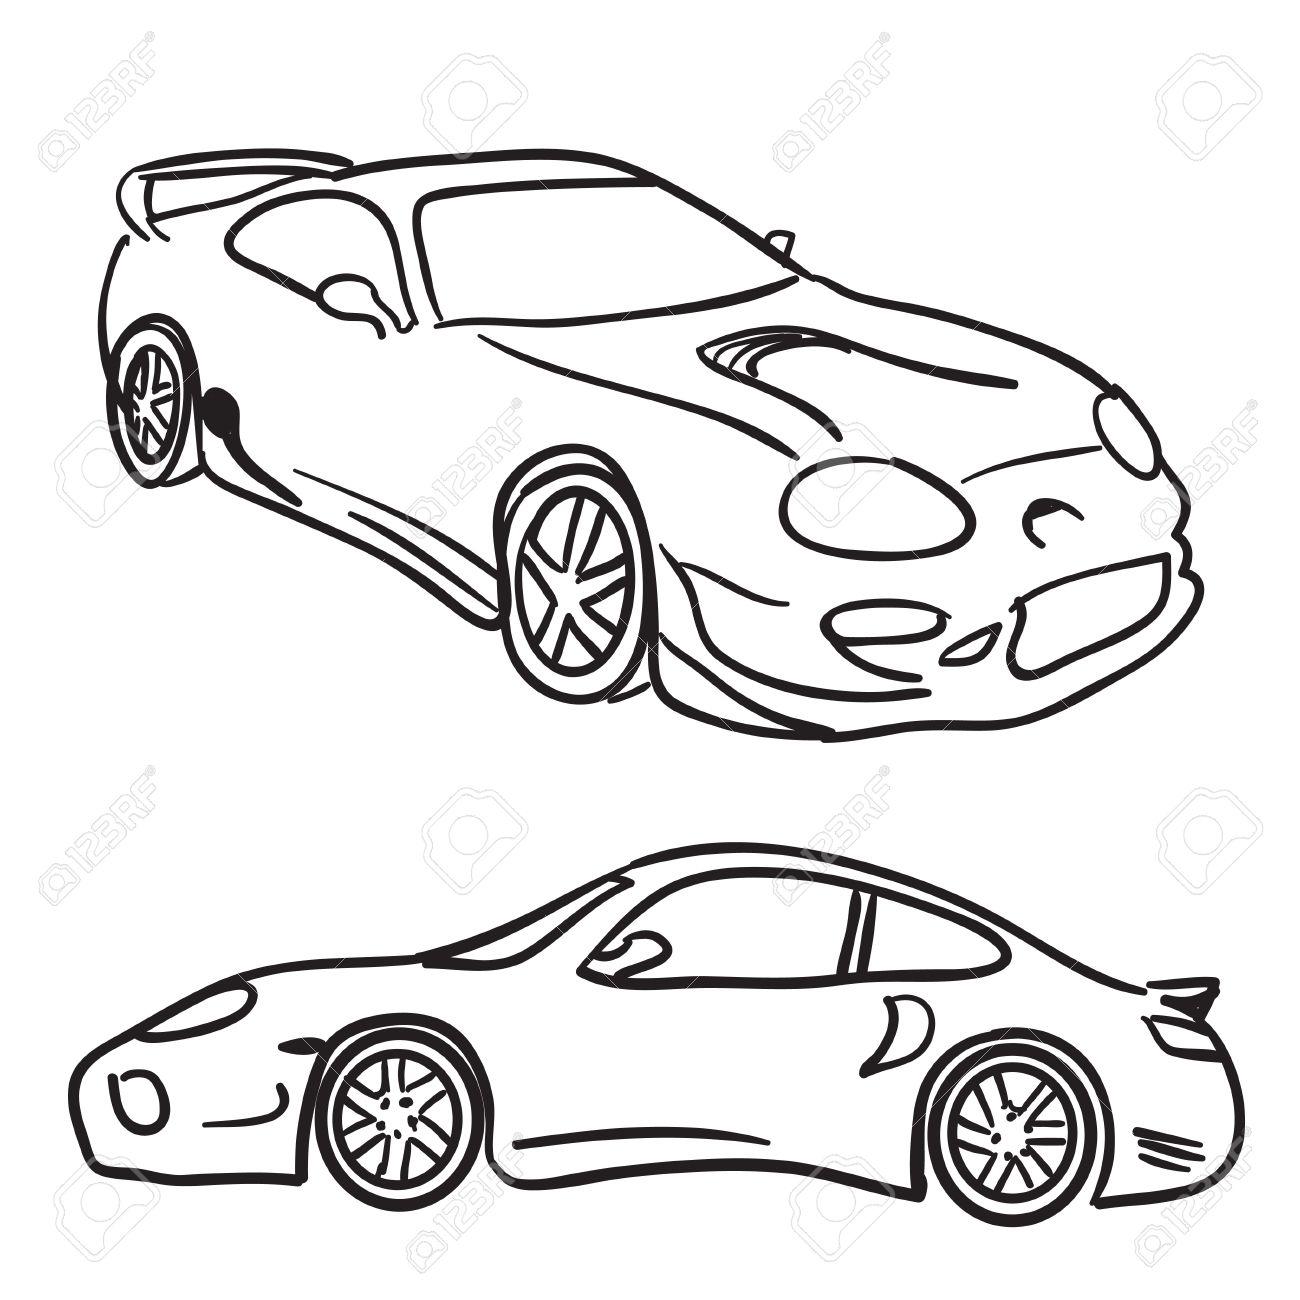 1300x1300 Pics Of Car Drawings